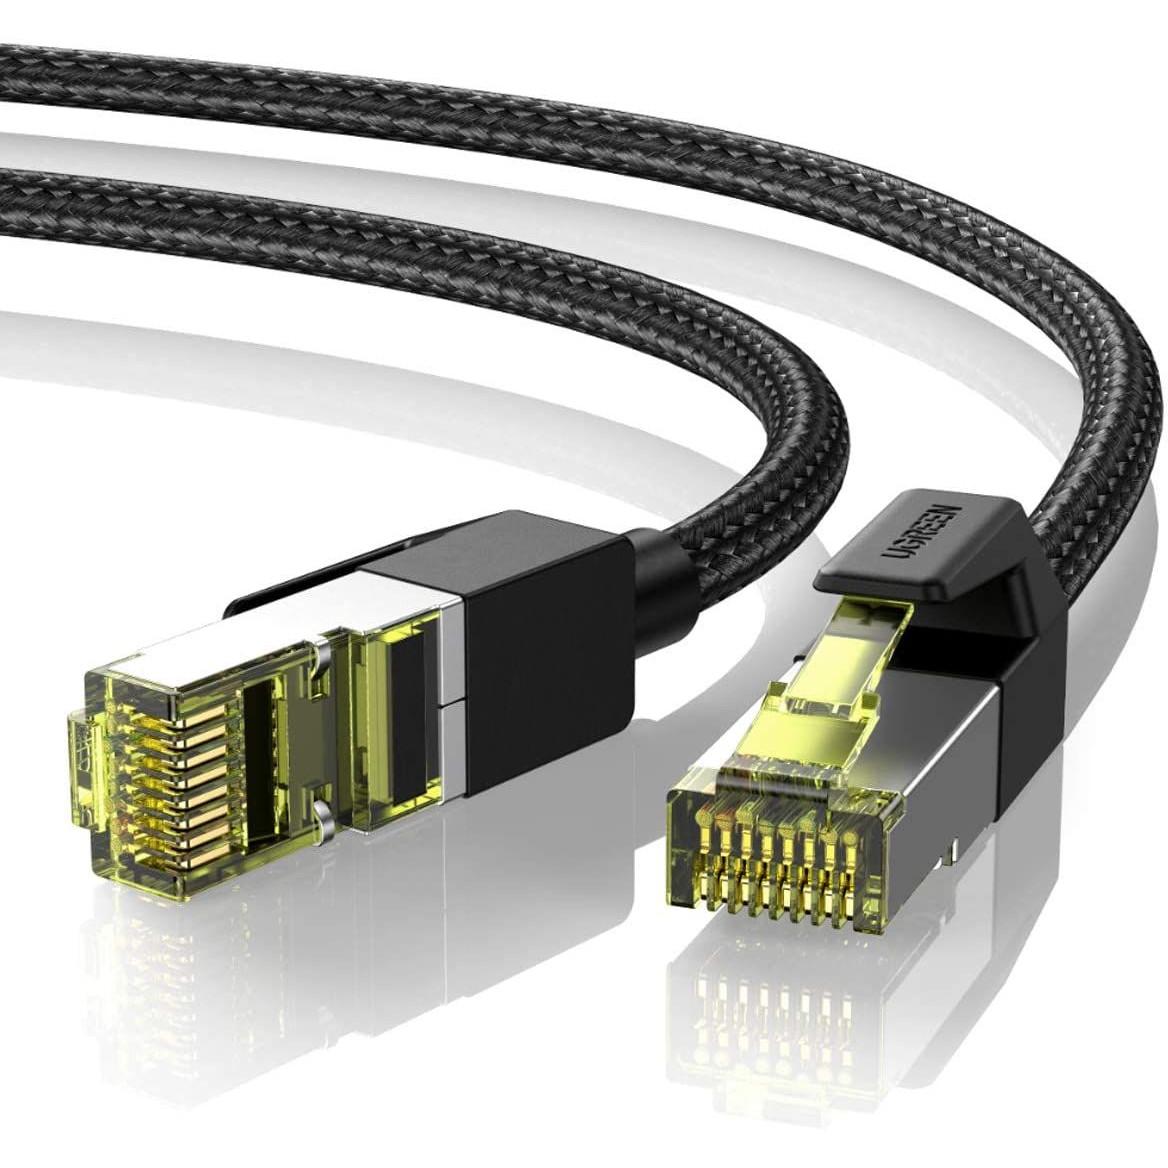 Cáp mạng truyền dữ liệu giữa các máy tính  3M CAT7 OD5.5mm Ugreen 80424 NW150 Hàng Chính Hãng